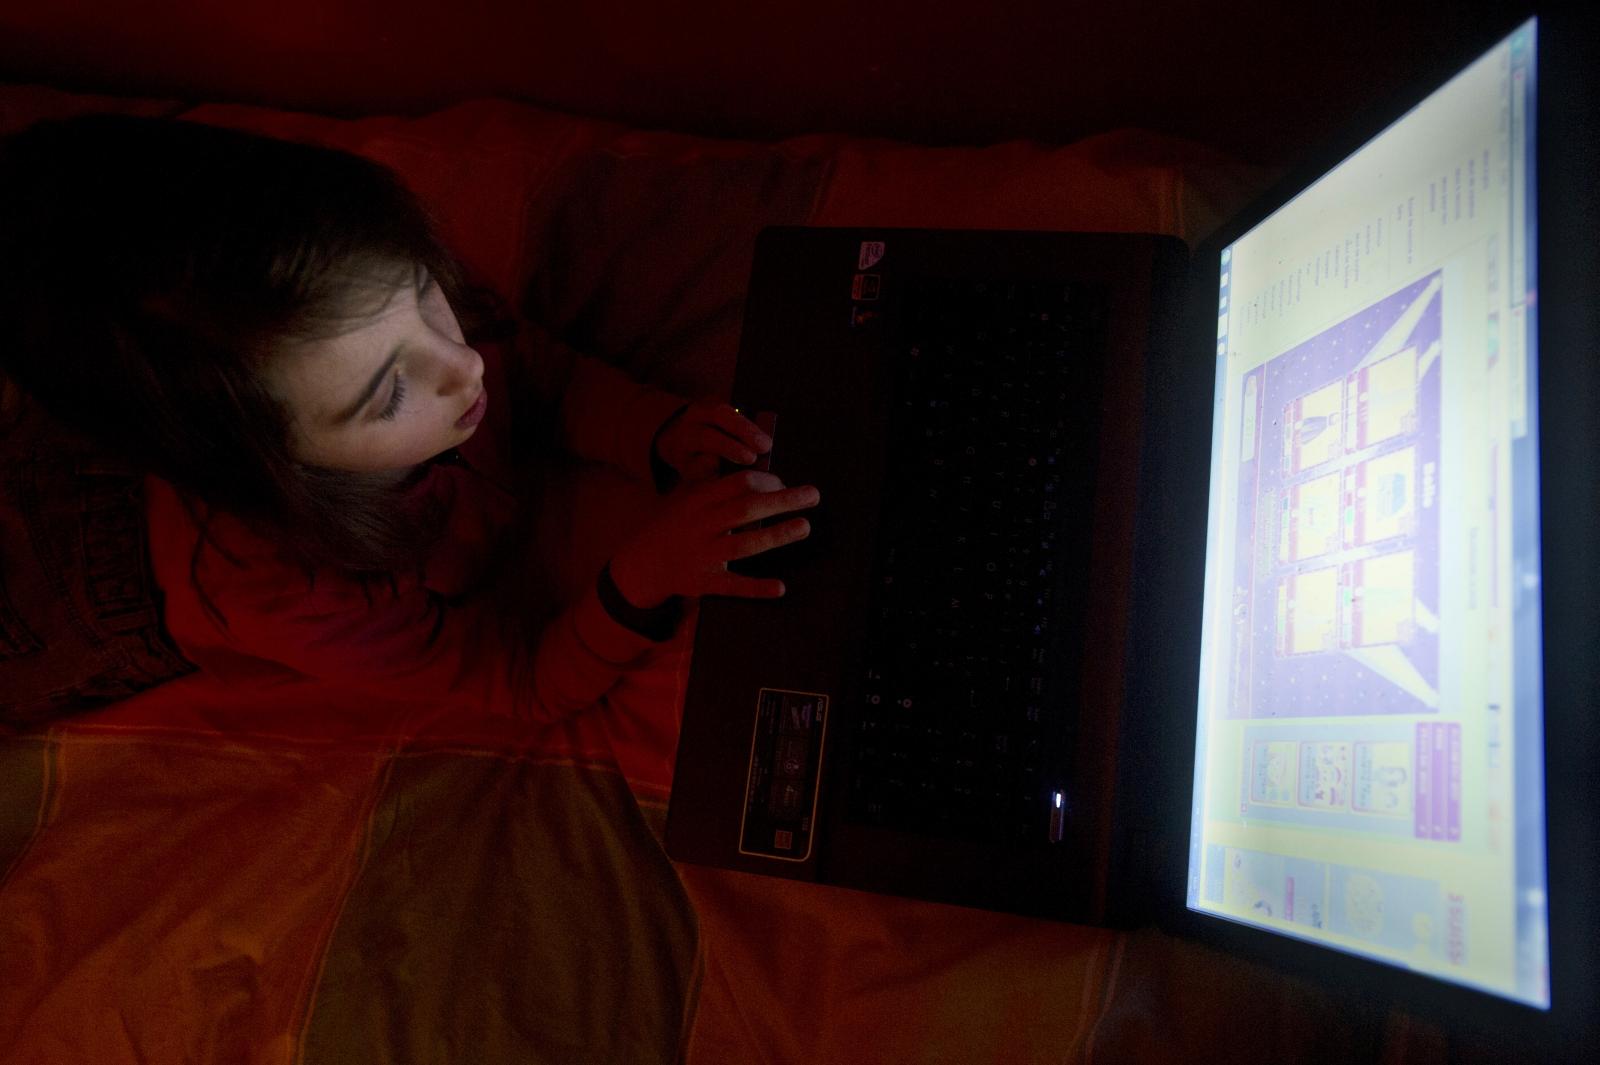 Many children fear web porn addiction